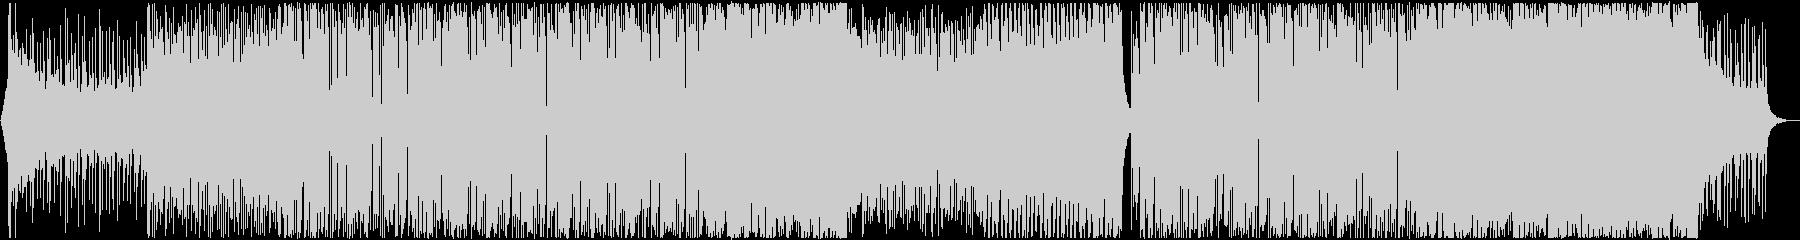 スタイリッシュなネオンフューチャーベースの未再生の波形